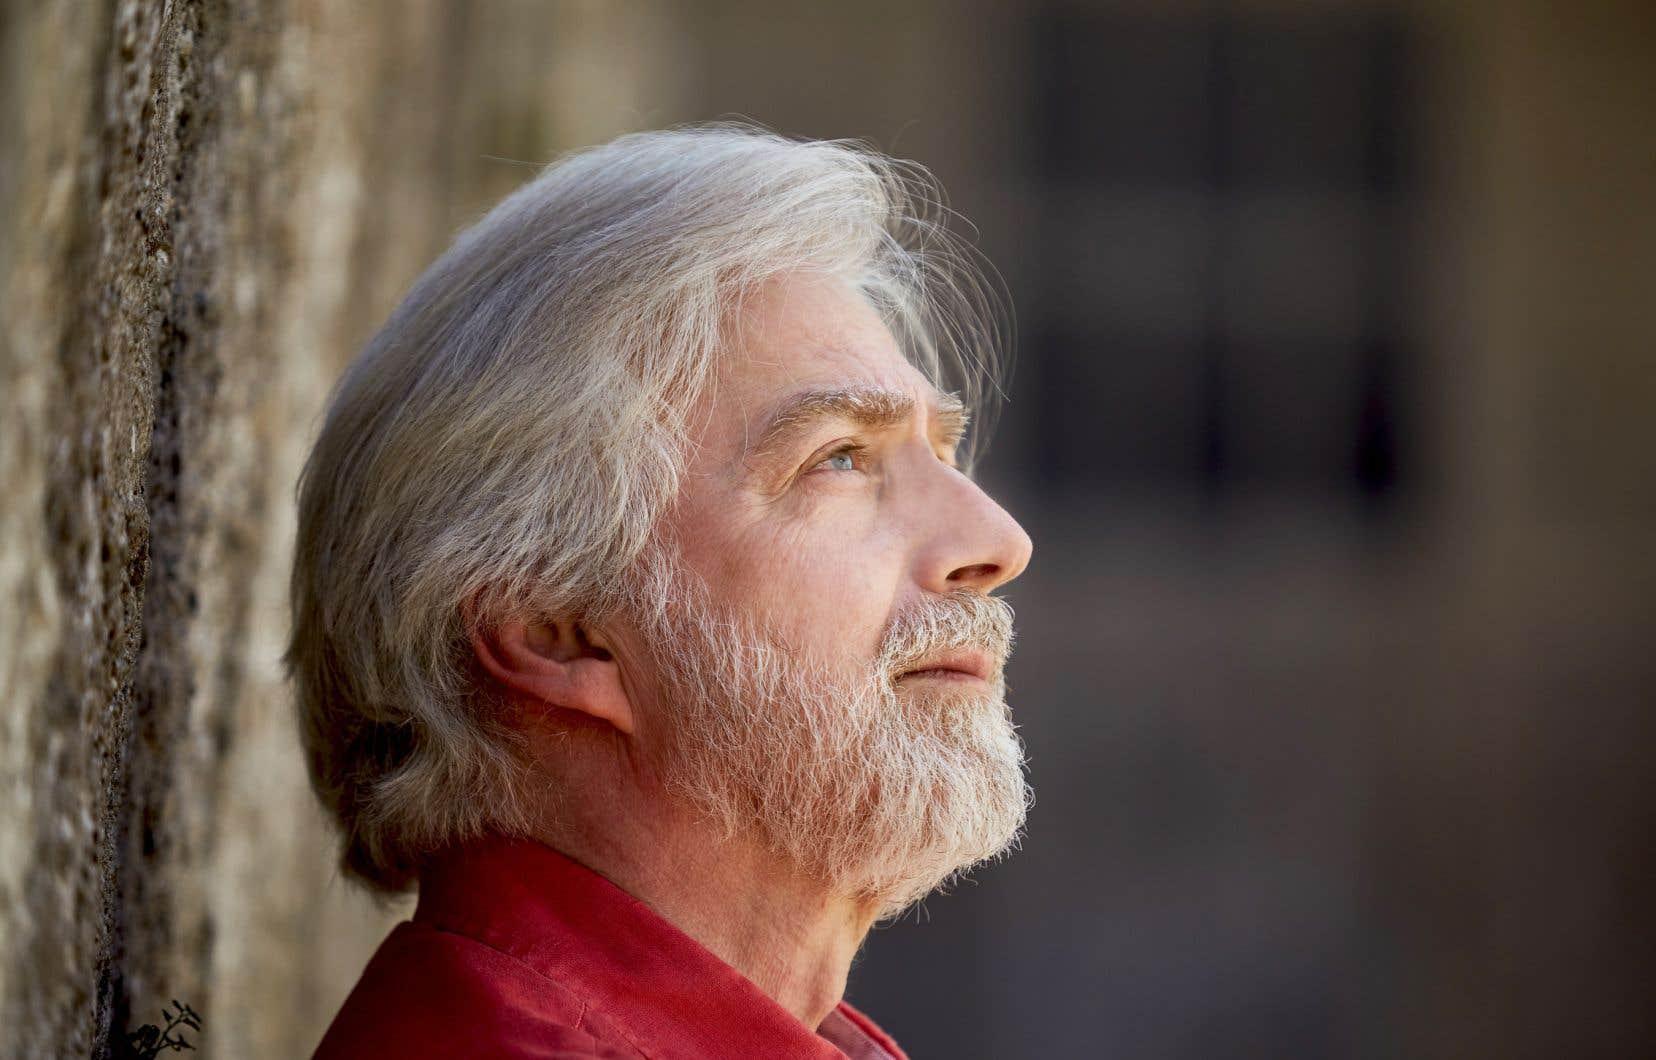 Le Polonais Krystian Zimerman, 64 ans, a réussi à se forger une aura de pianiste rare et précieux, qui ne s'exprime que lorsque cela lui paraît vraiment important, comme en témoignait, en 2017, son CD des deux dernières sonates de Schubert, le premier disque en solo depuis 25 ans.